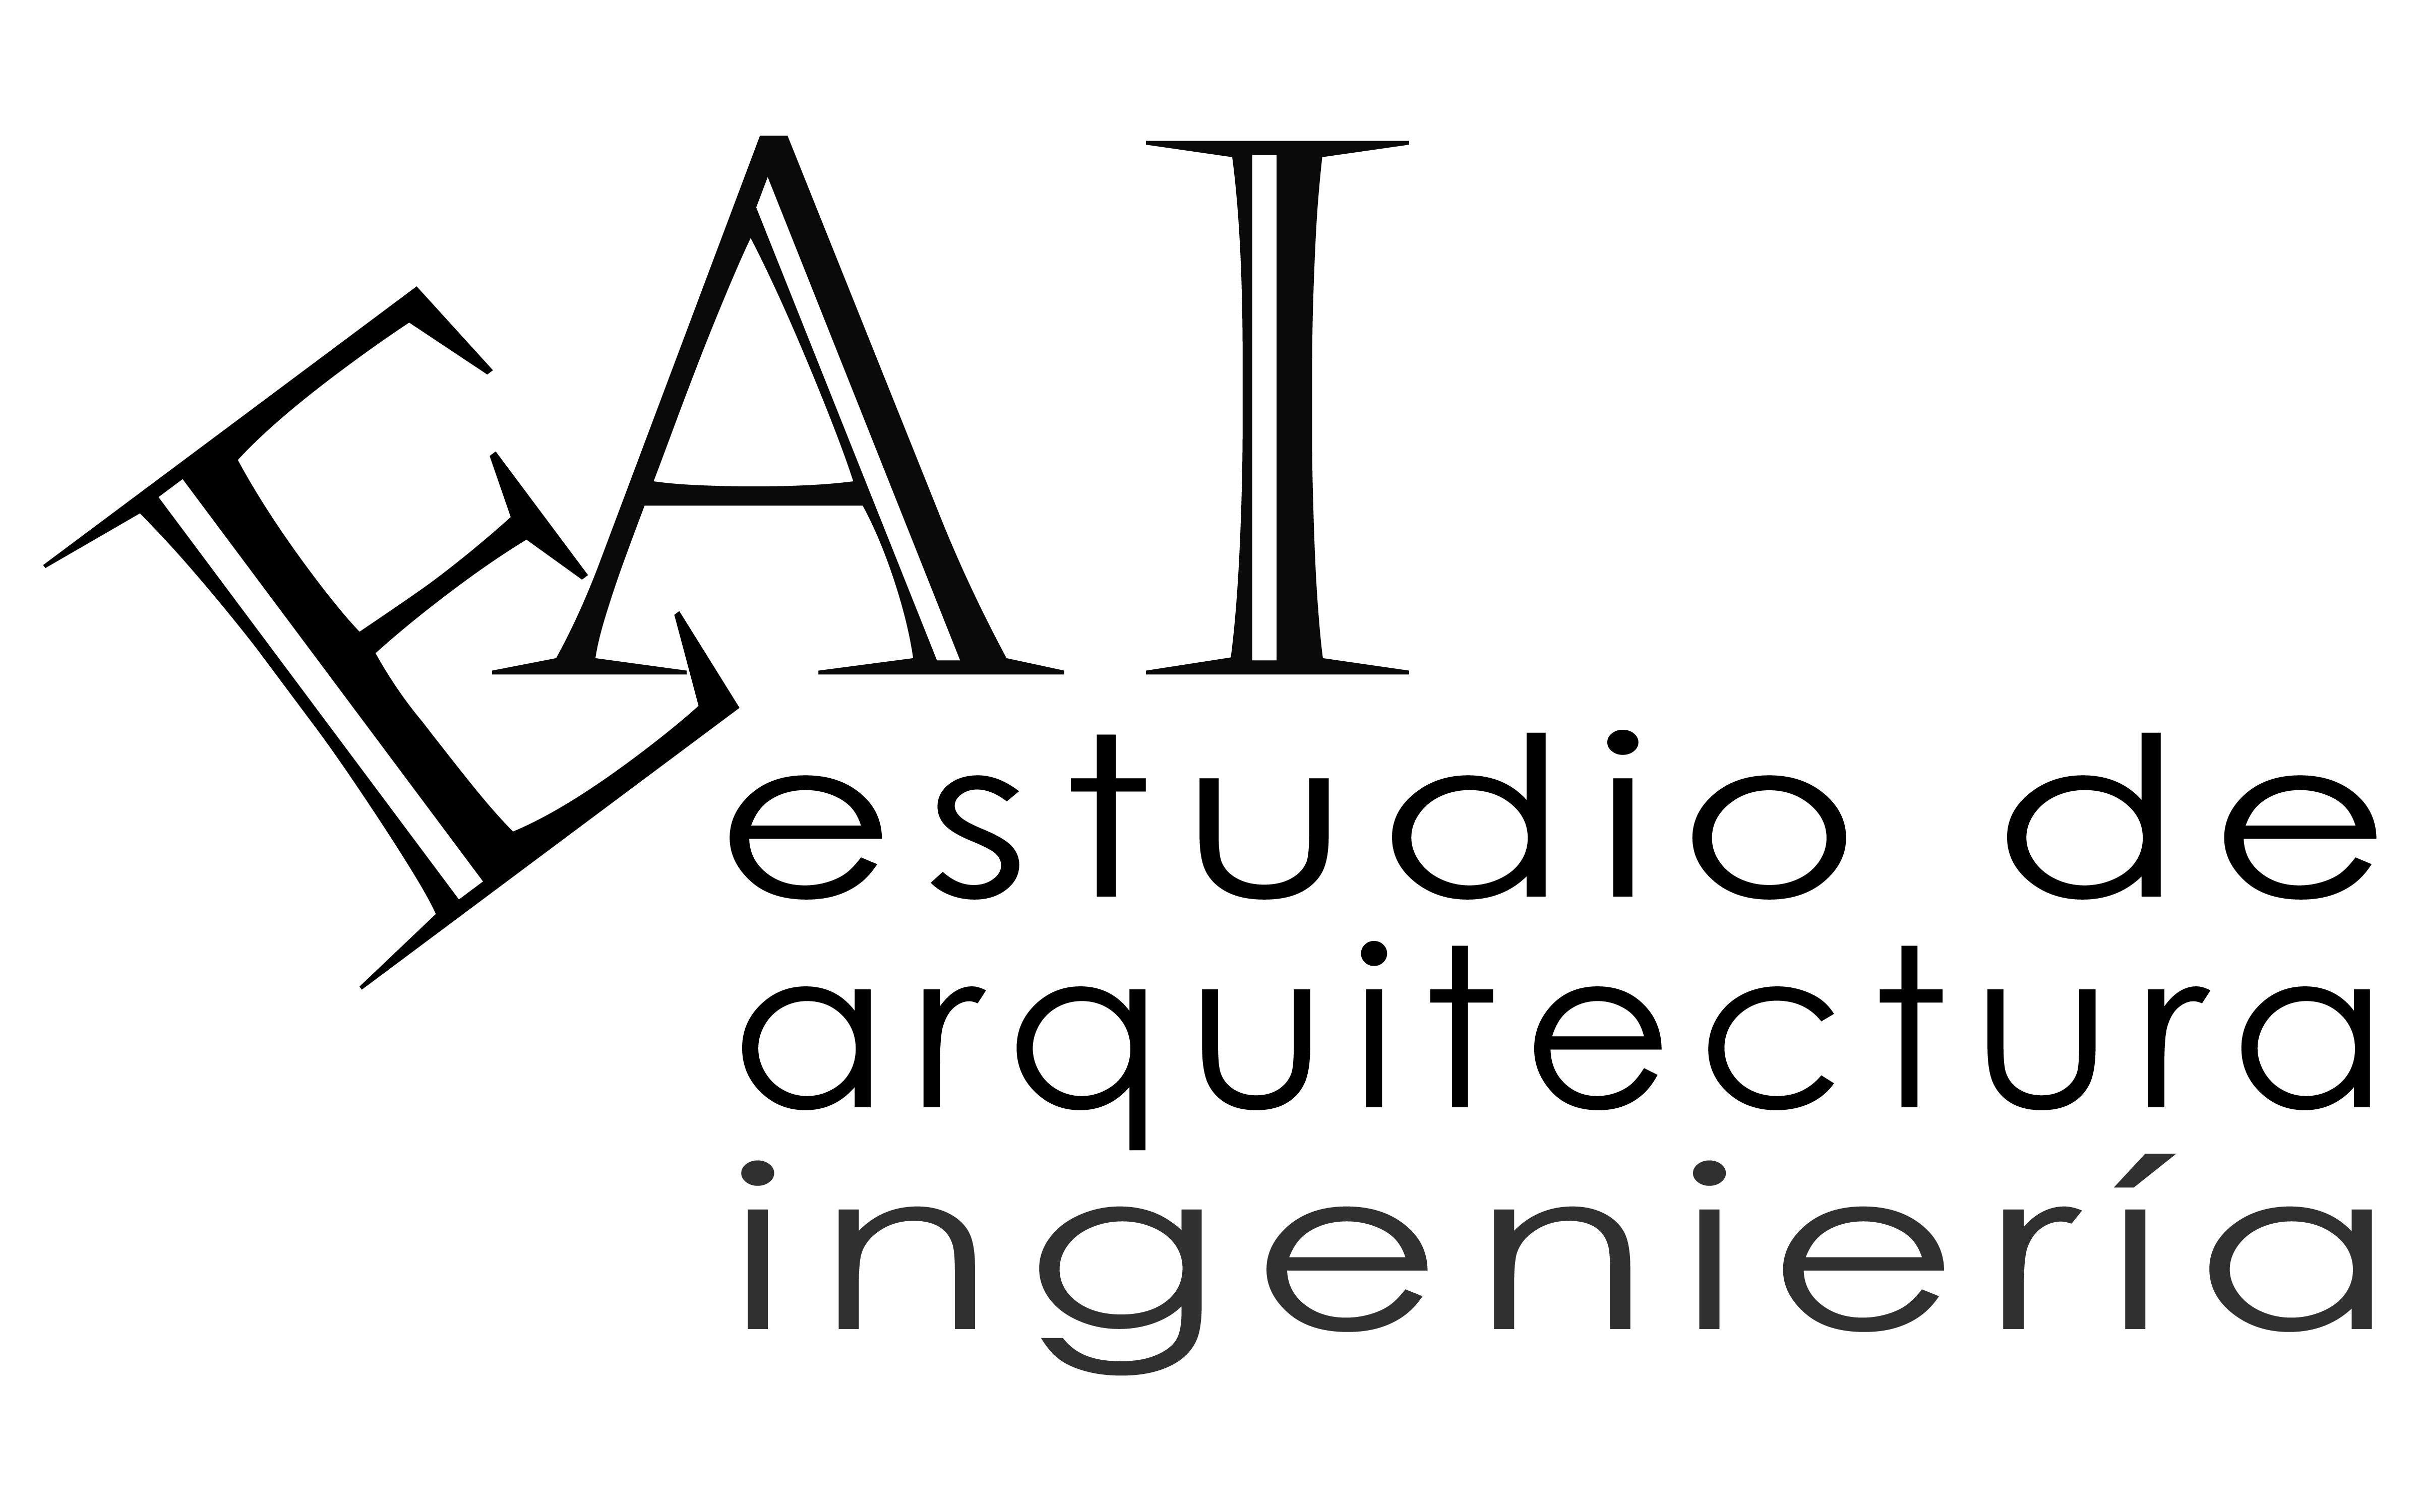 Eai estudio de arquitectura ingenier a autonoma - Estudio arquitectura valladolid ...